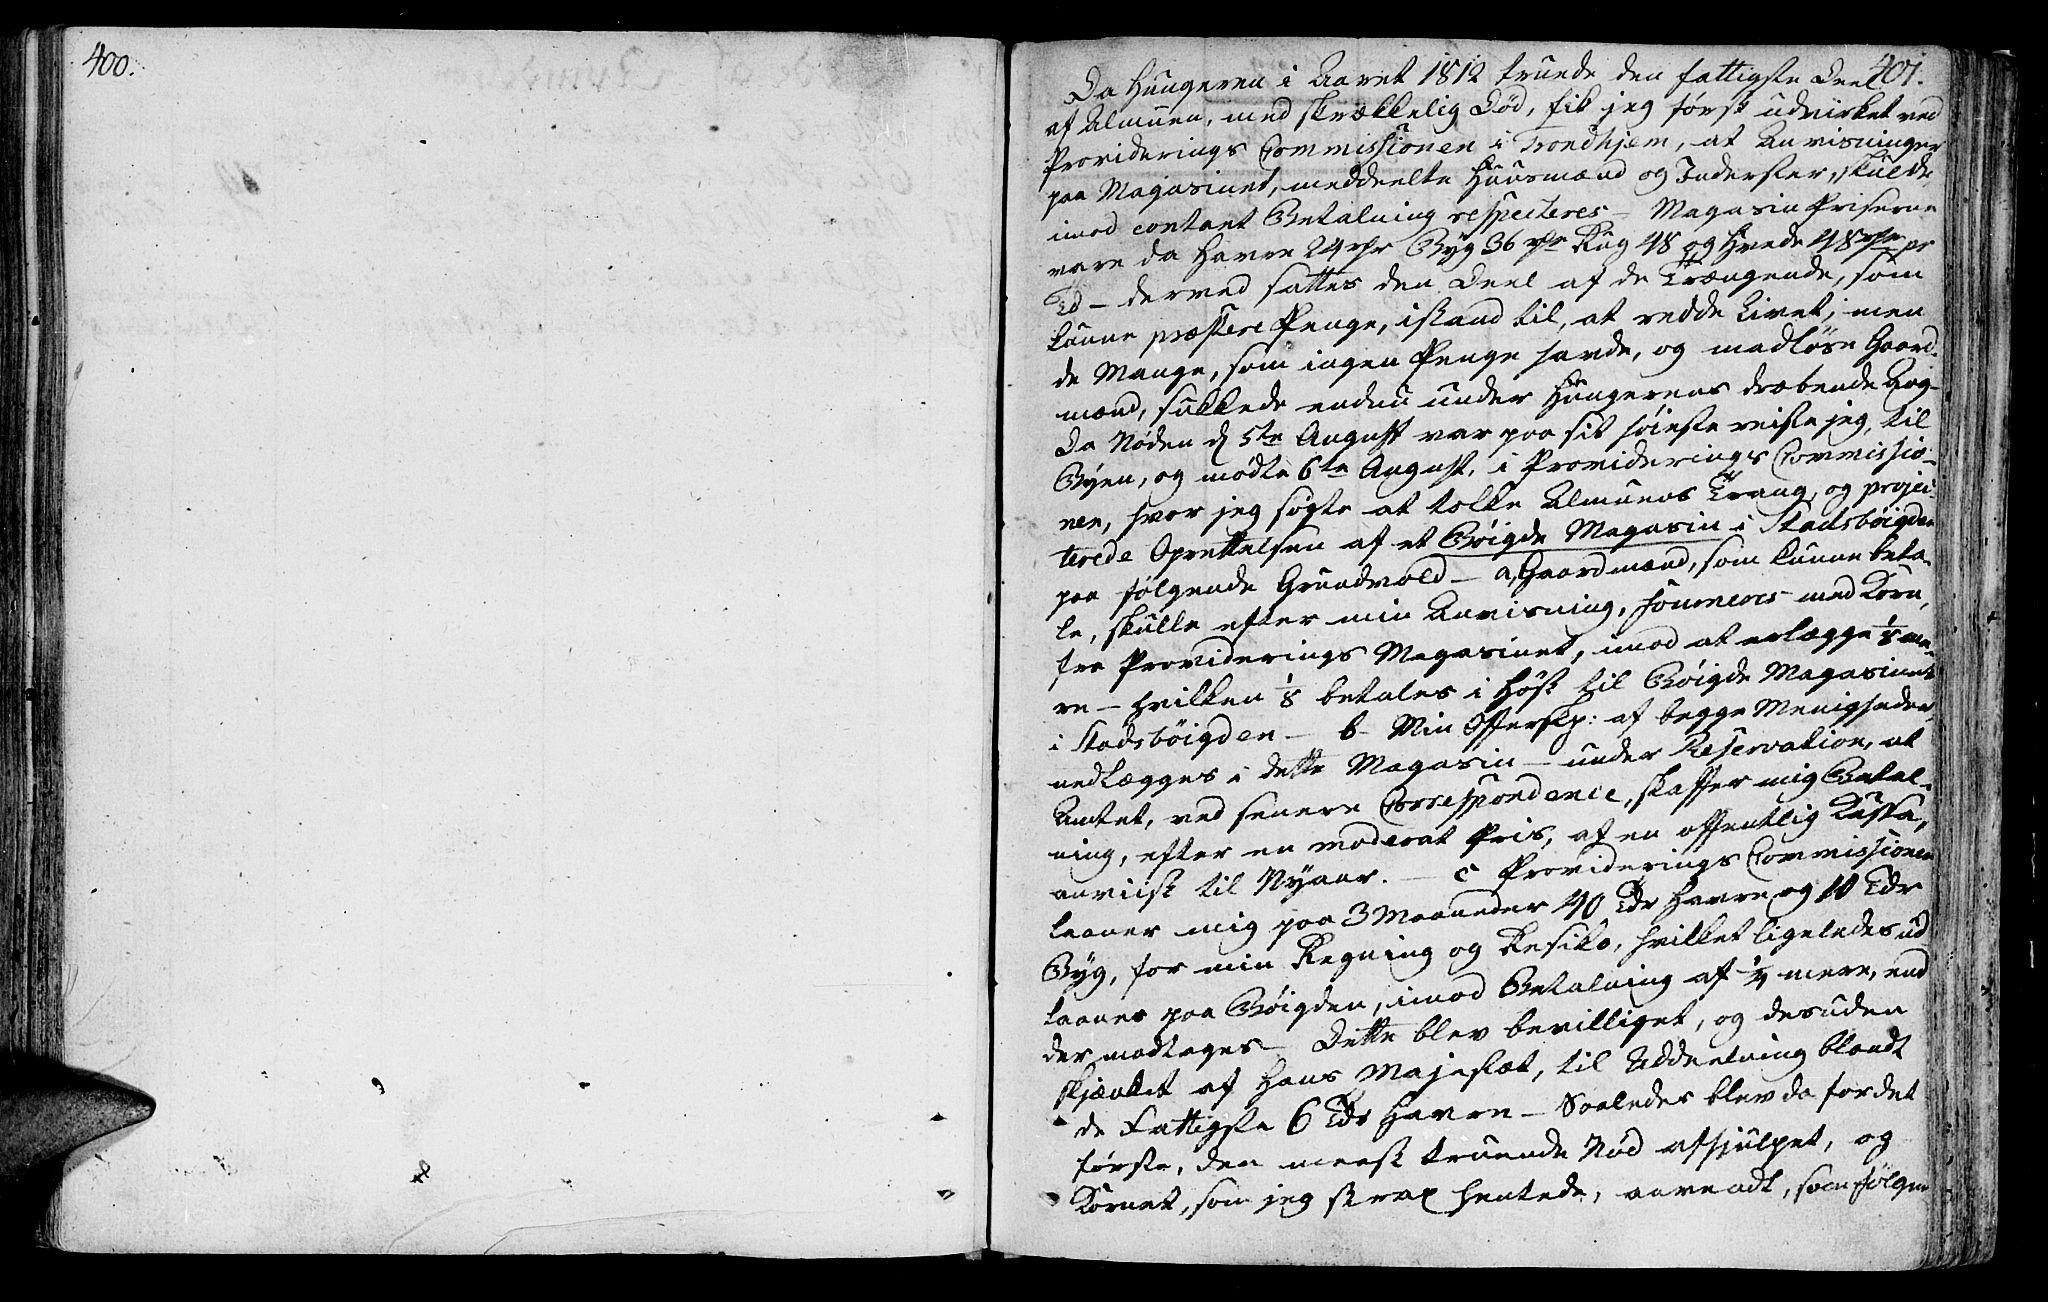 SAT, Ministerialprotokoller, klokkerbøker og fødselsregistre - Sør-Trøndelag, 646/L0606: Ministerialbok nr. 646A04, 1791-1805, s. 400-401